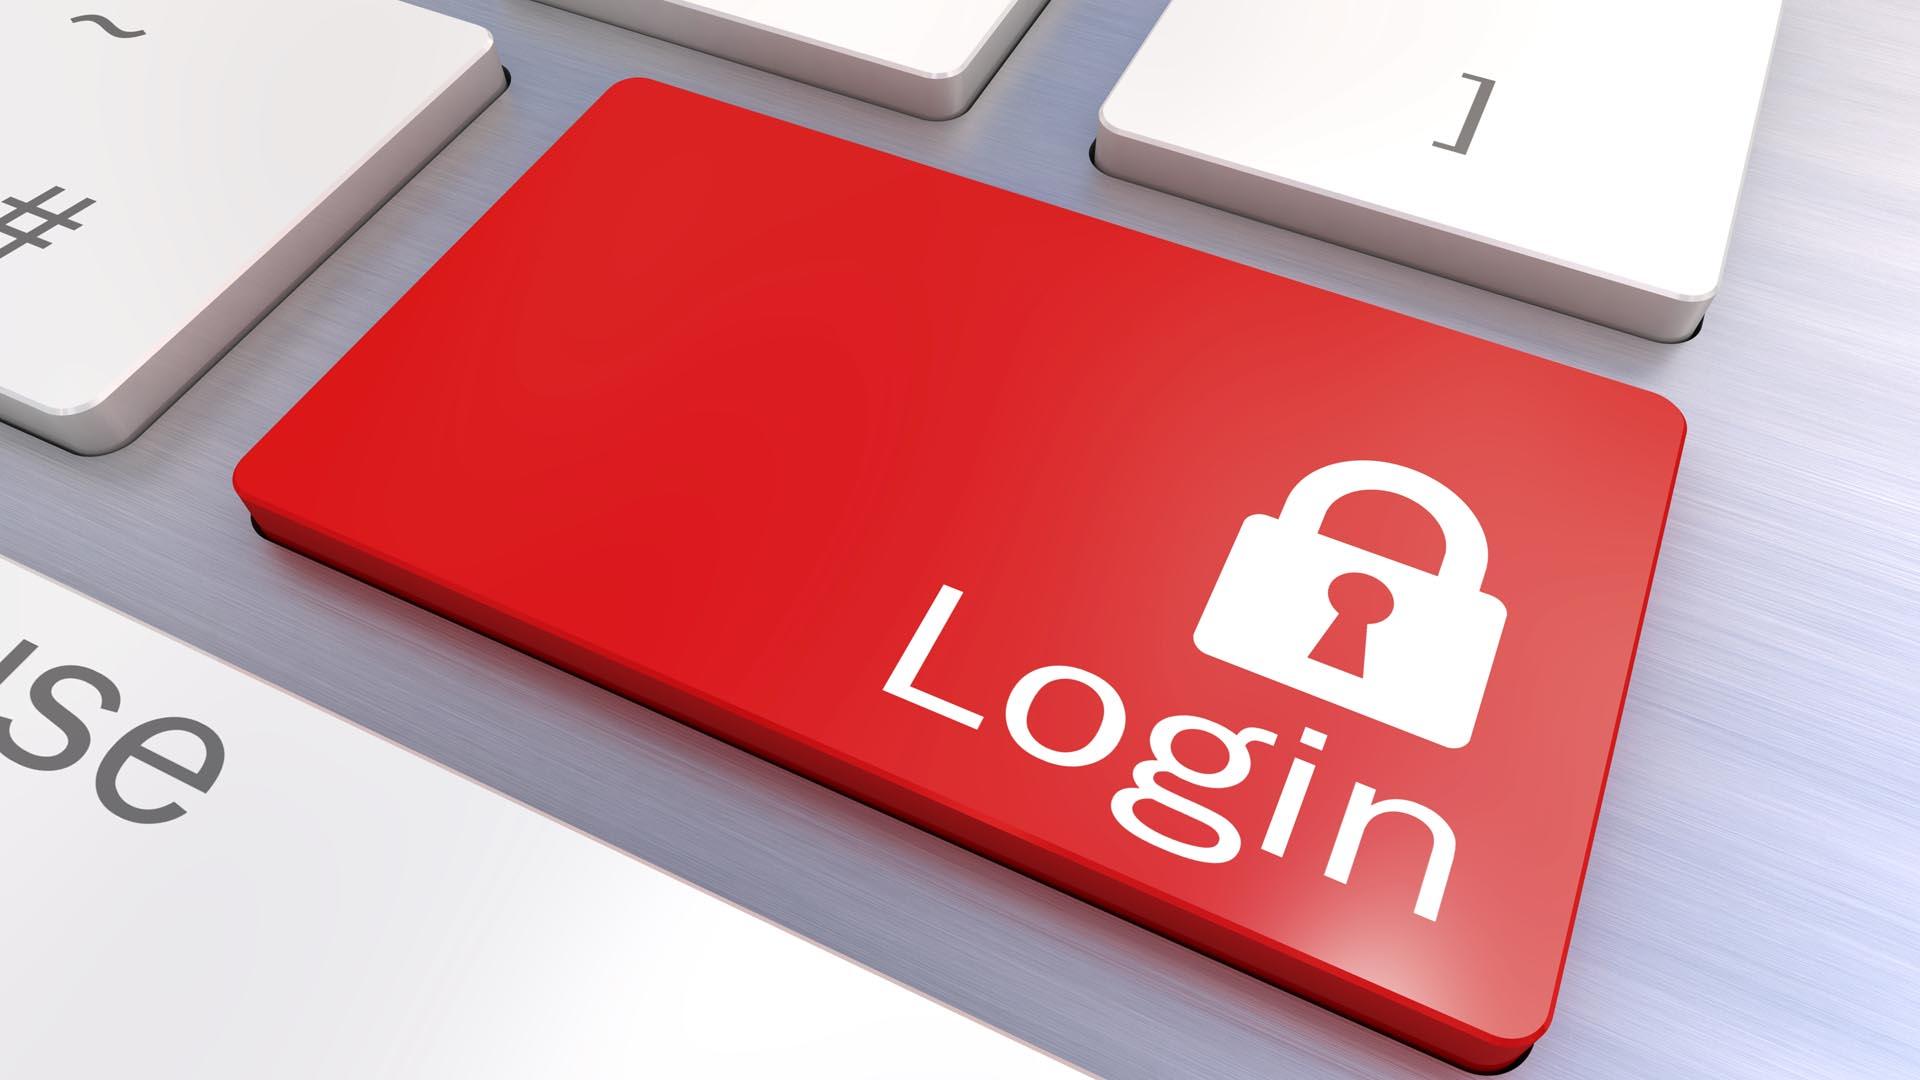 Combinar una clave de acceso con un código móvil y un control biométrico sería lo ideal en seguridad informática